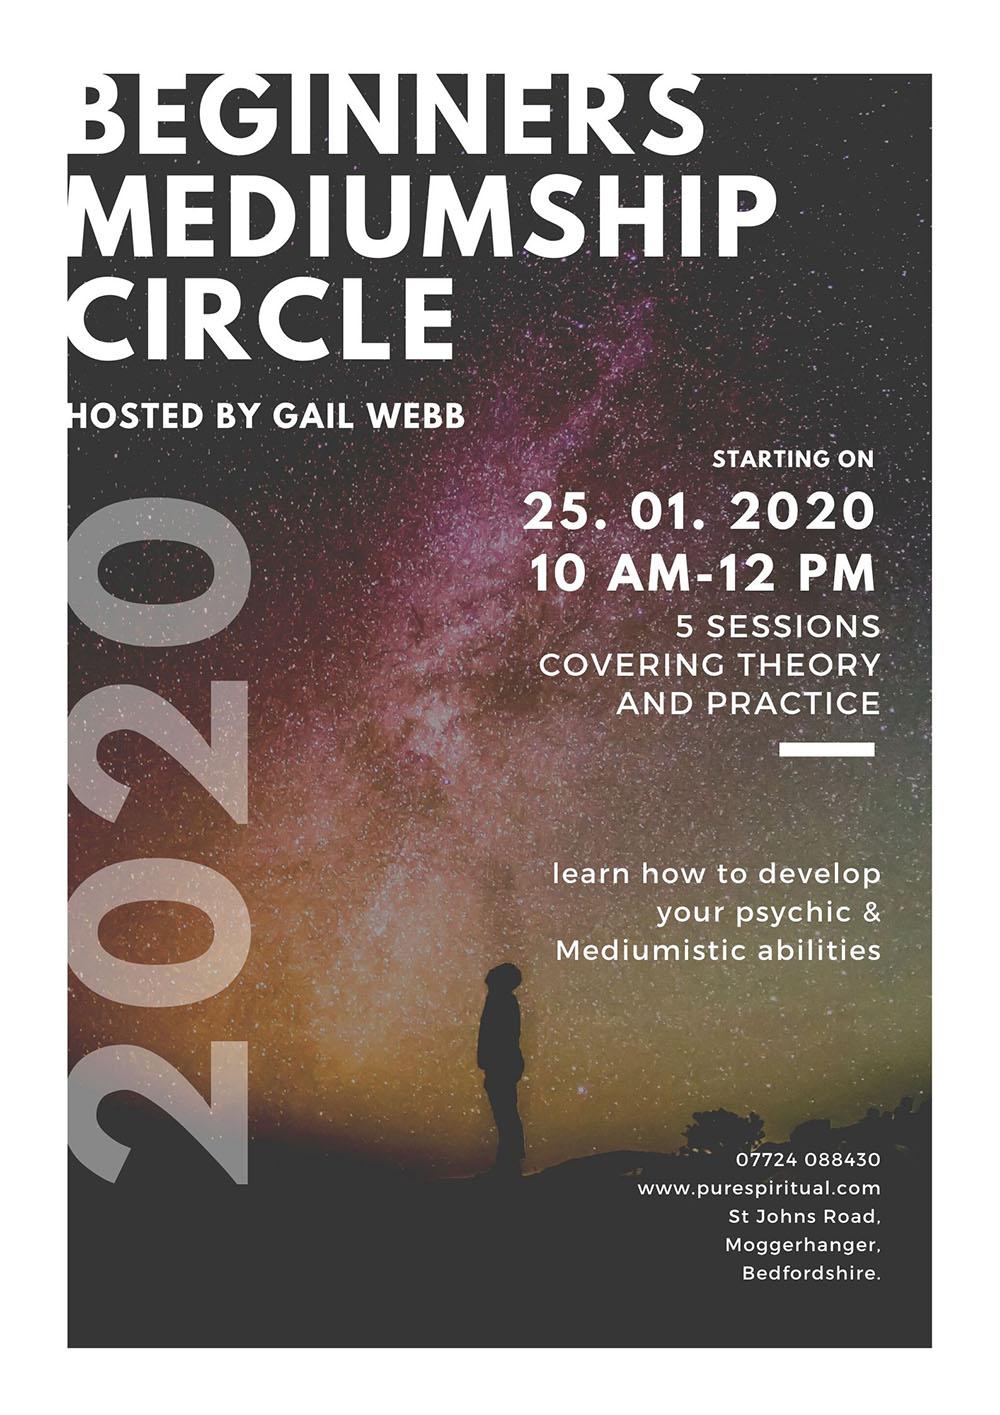 beginners-mediumship-circle-2020